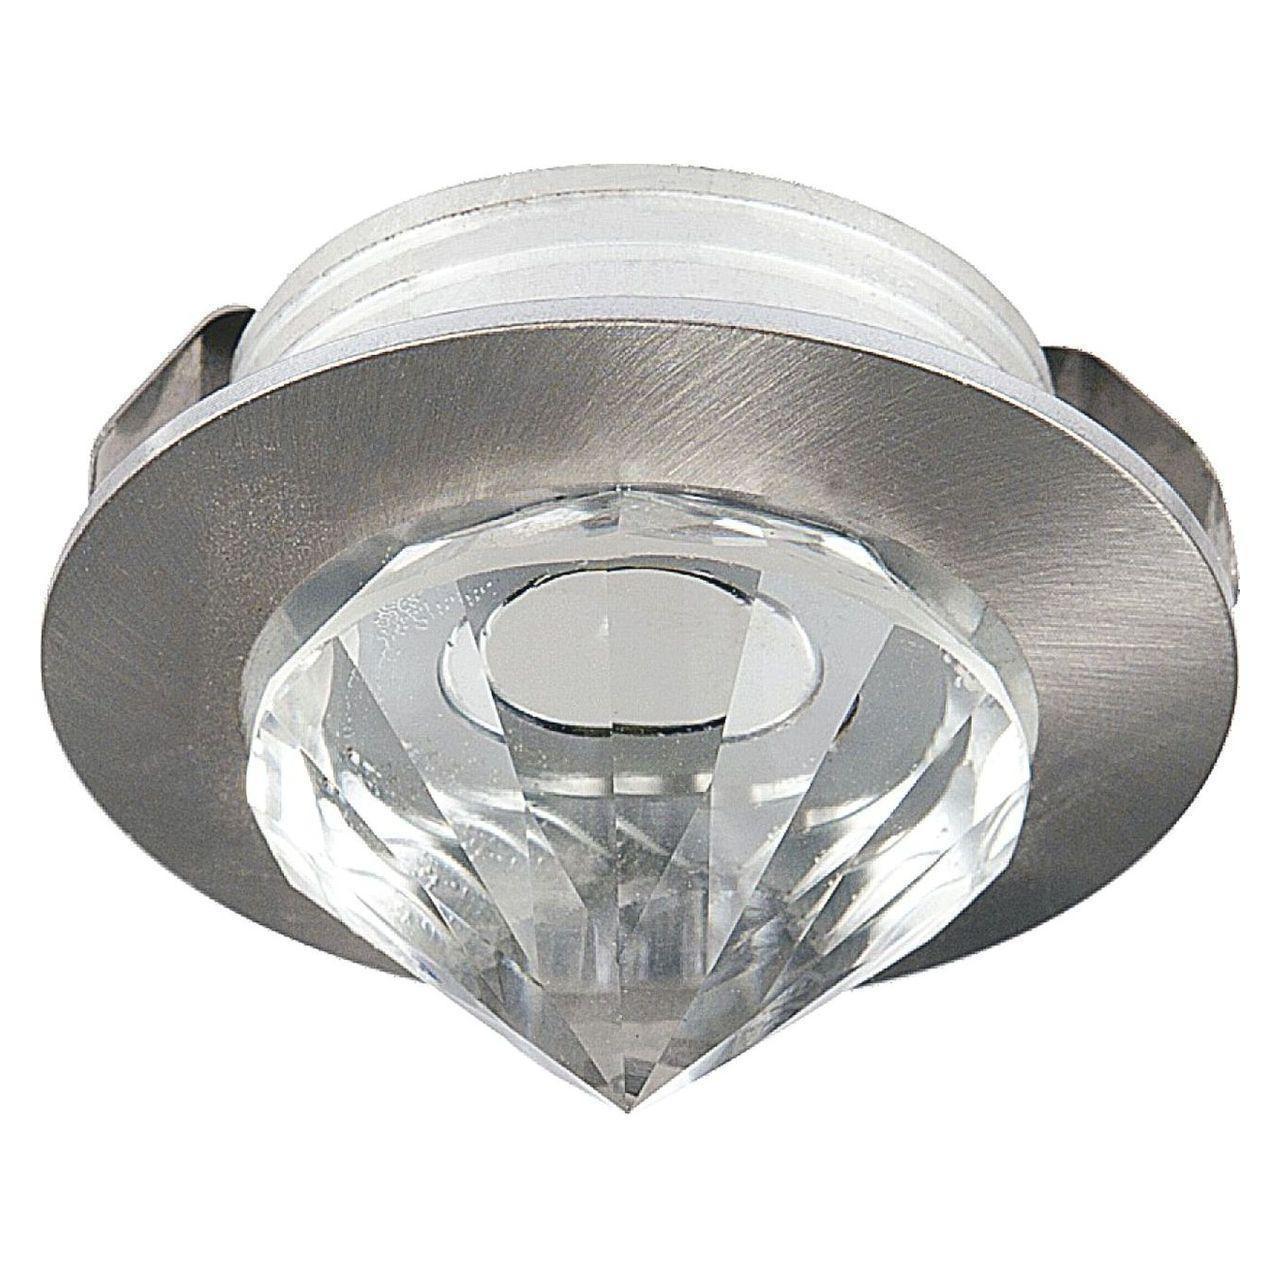 Встраиваемый светодиодный светильник Horoz Nadia 1W 6400К матовый хром 016-027-0001 (HL661L)